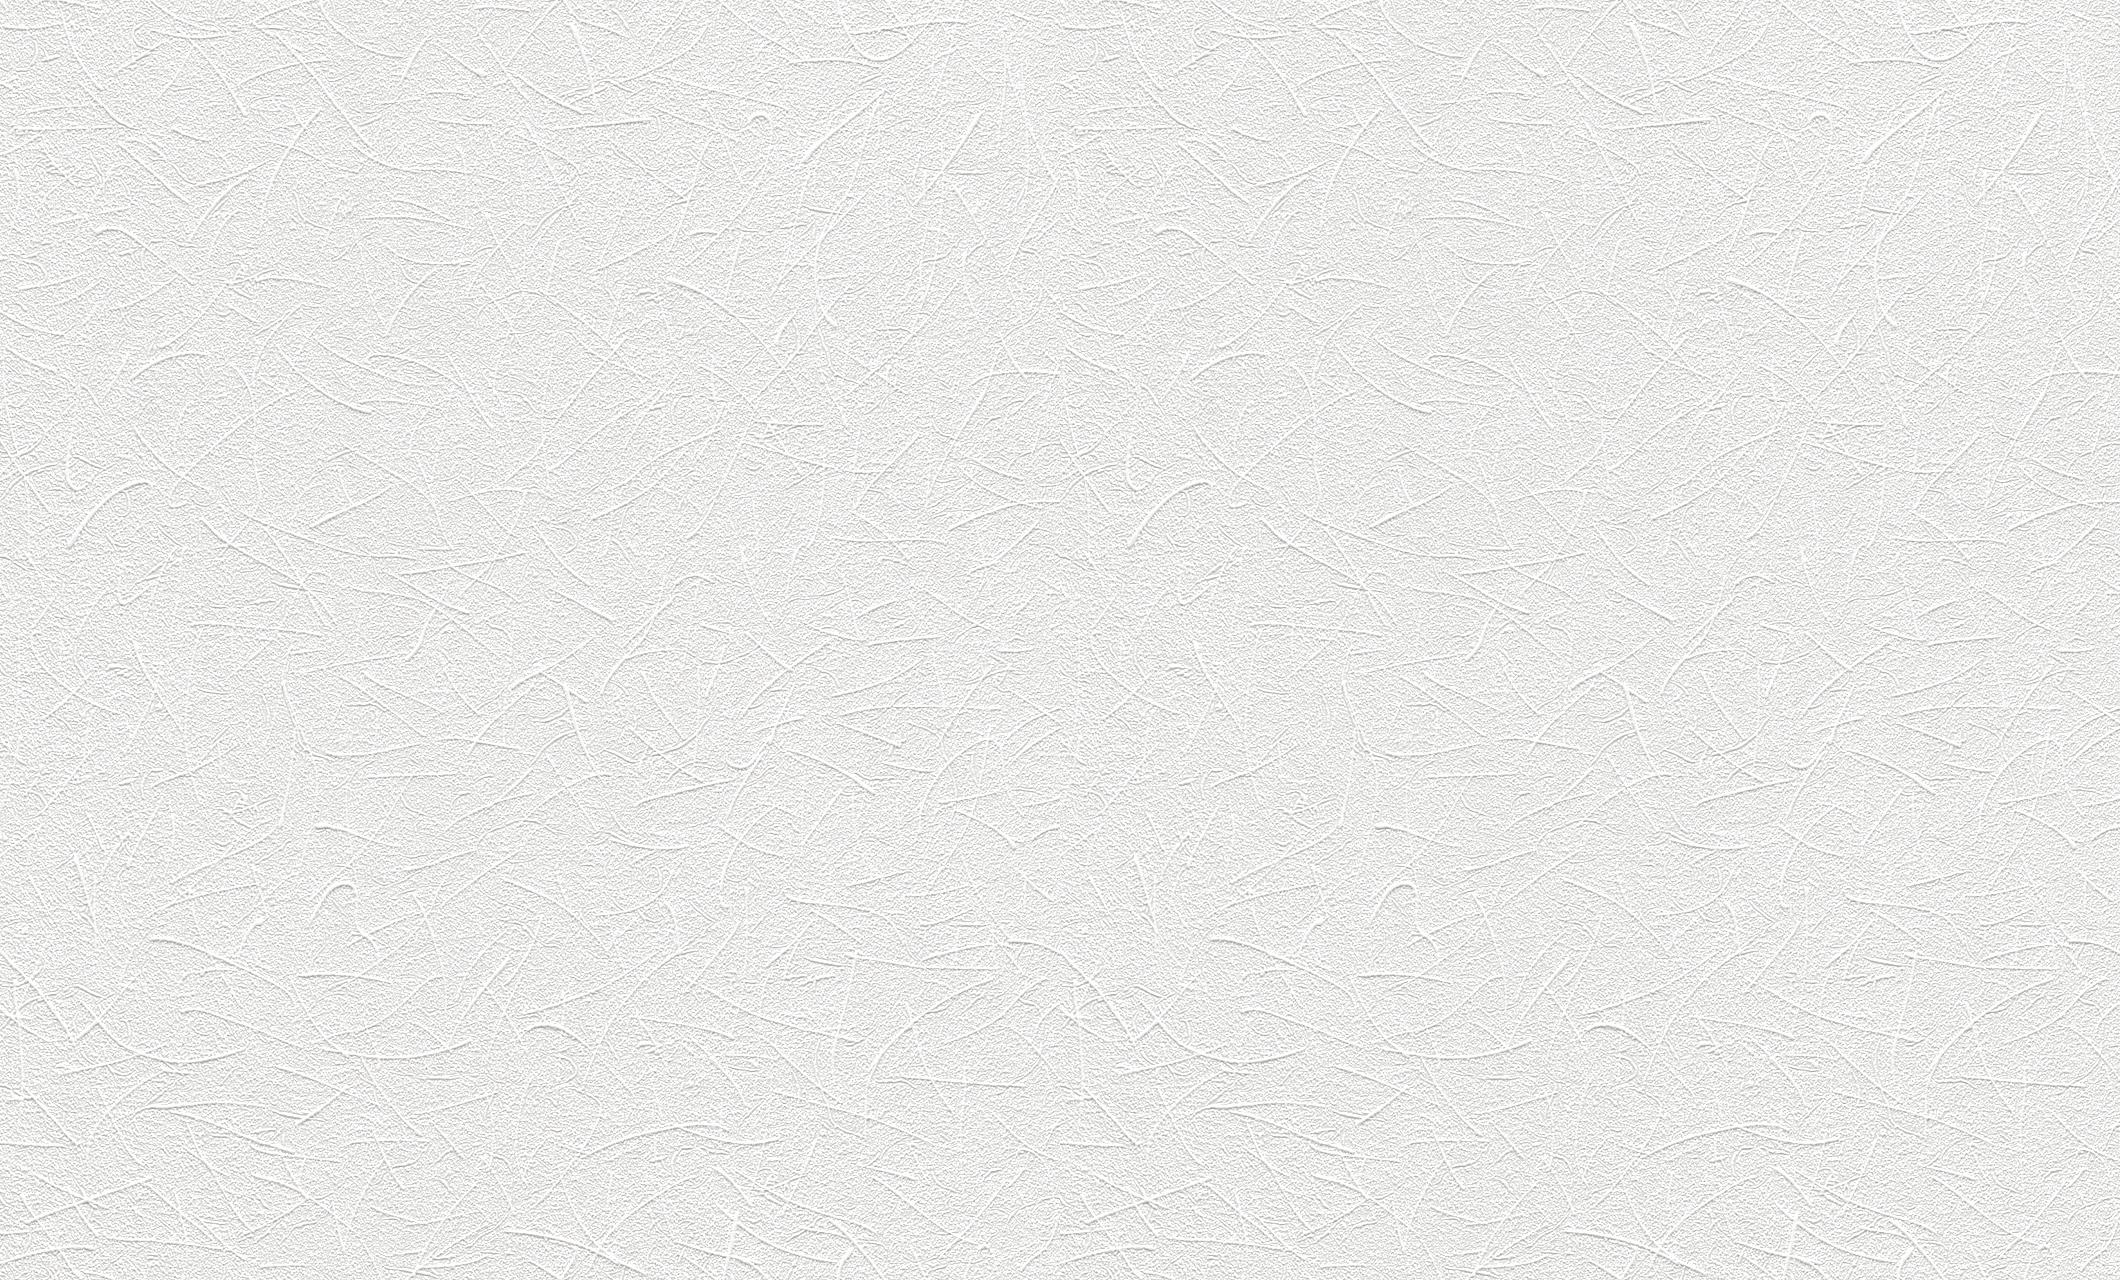 Festhető tapéta inda mintás struktúrával 25x1,06m